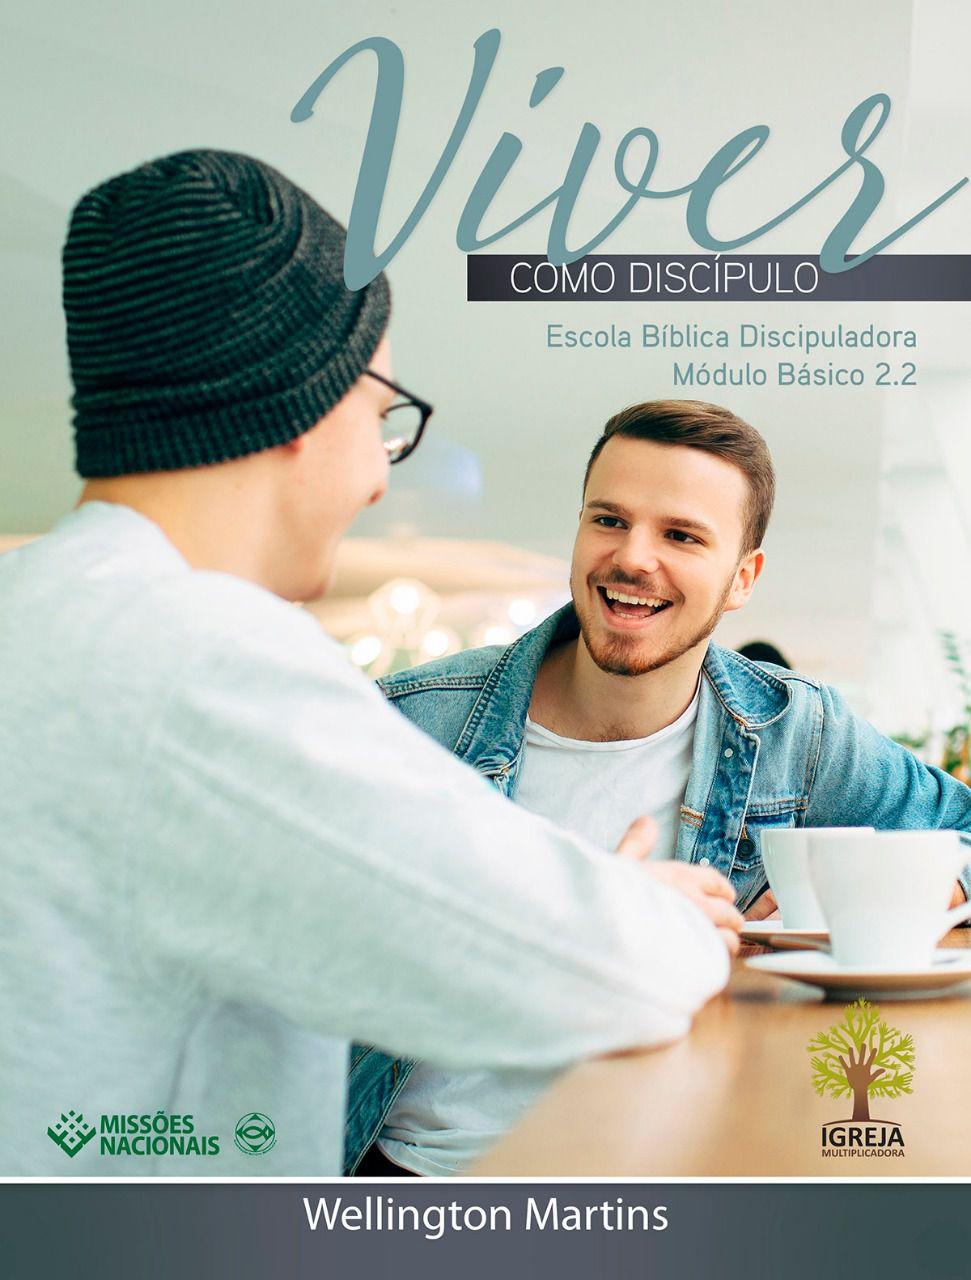 Revista Viver como discípulo - Módulo básico 2.2